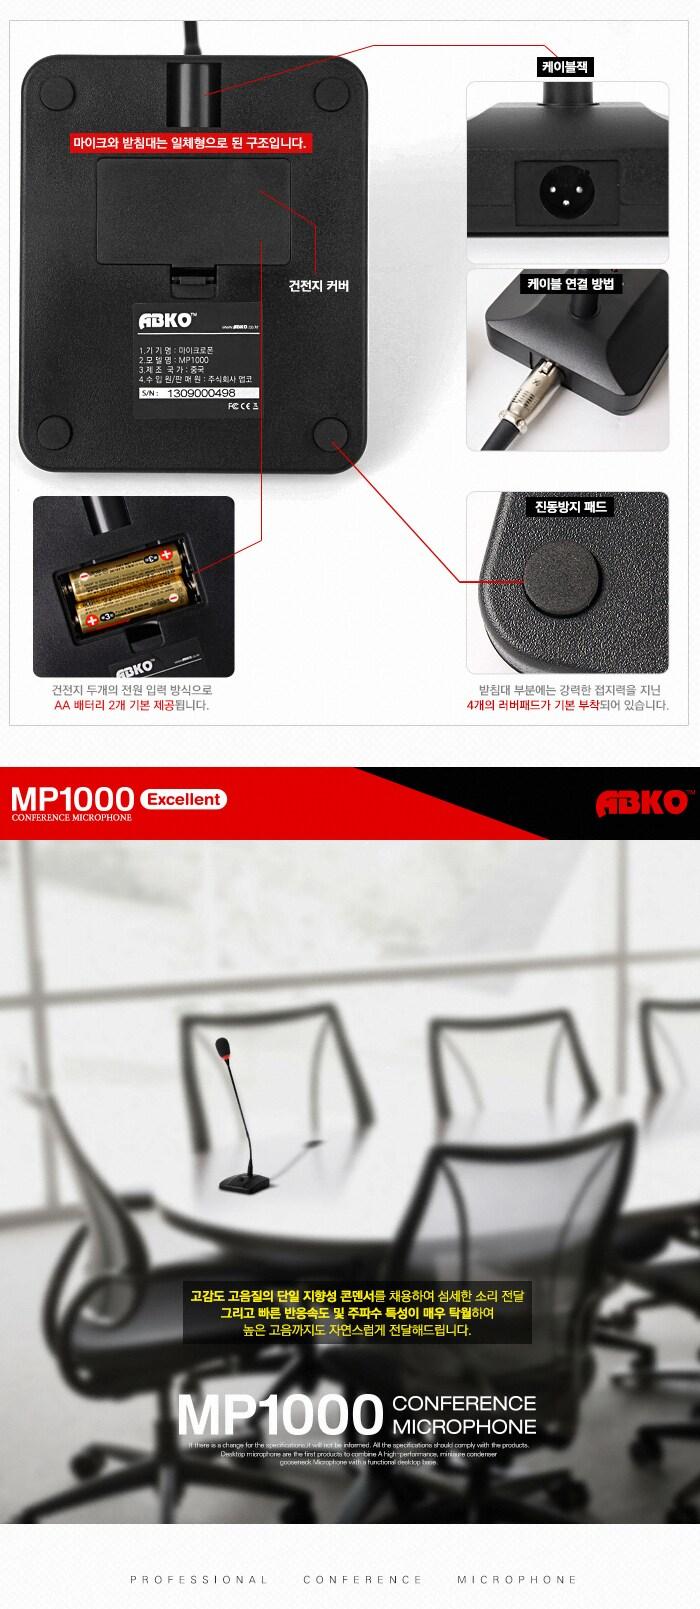 MP1000_DB_04.jpg